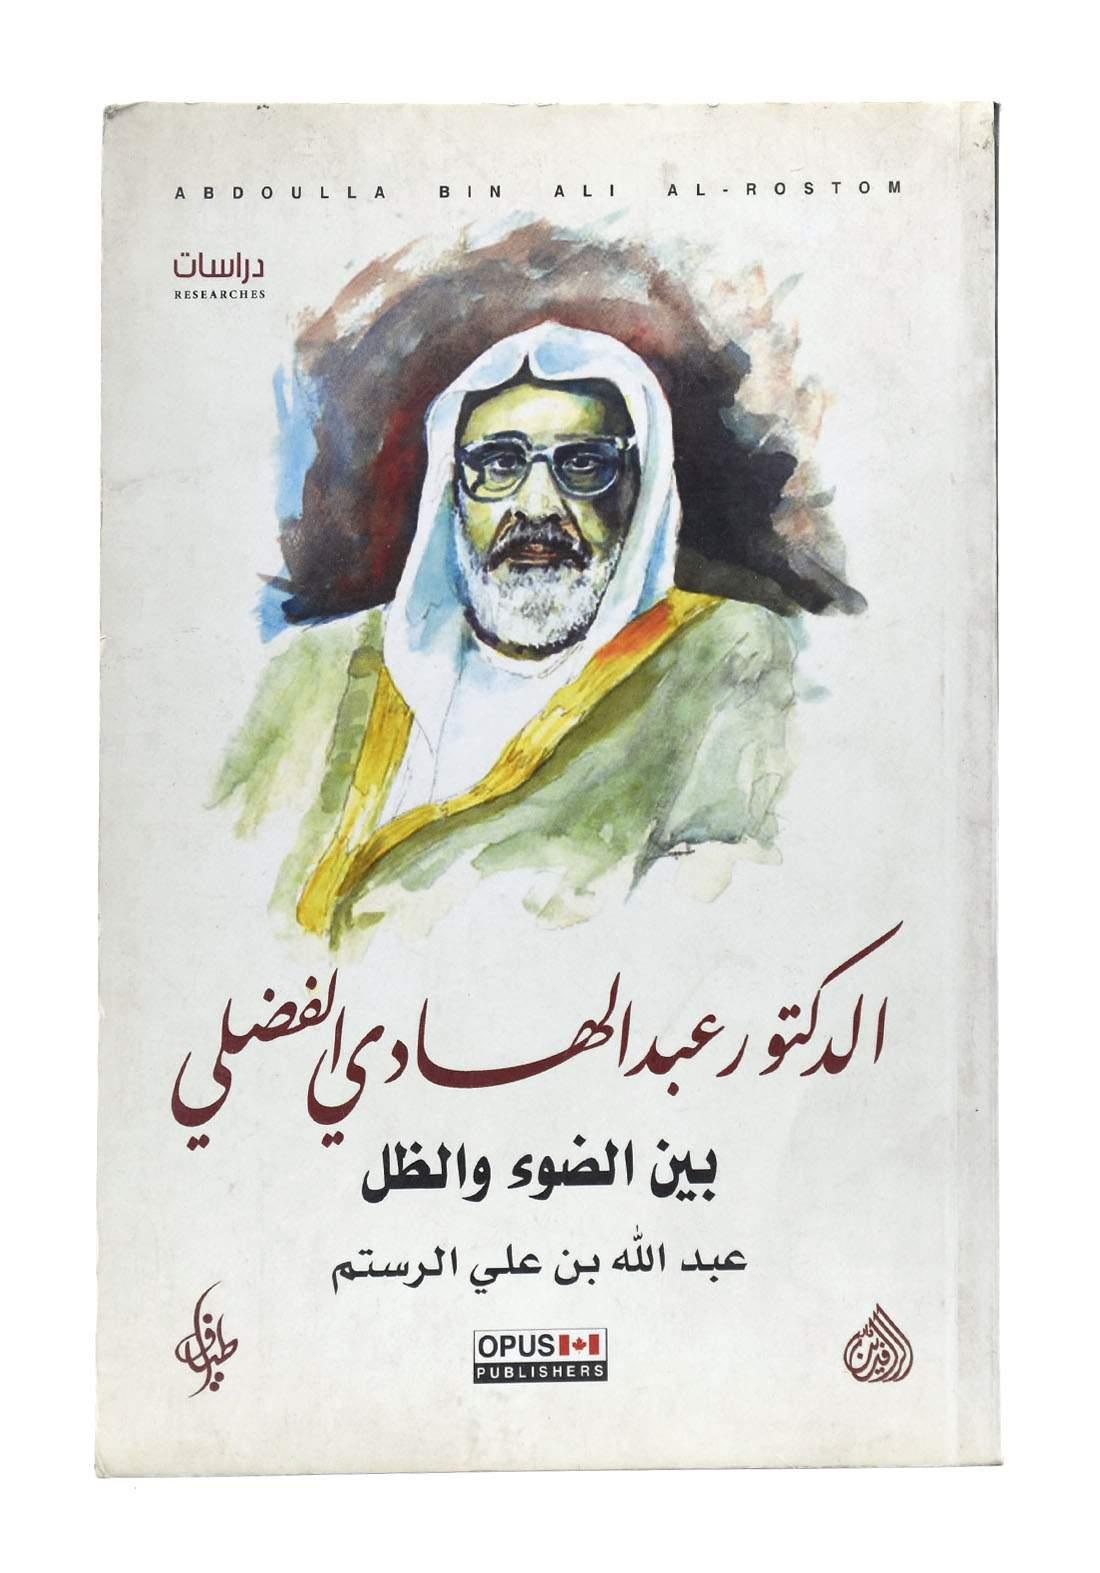 الدكتور عبد الهادي الفضلي بين الضوء والظل ـ عبد الله بن علي الرستم